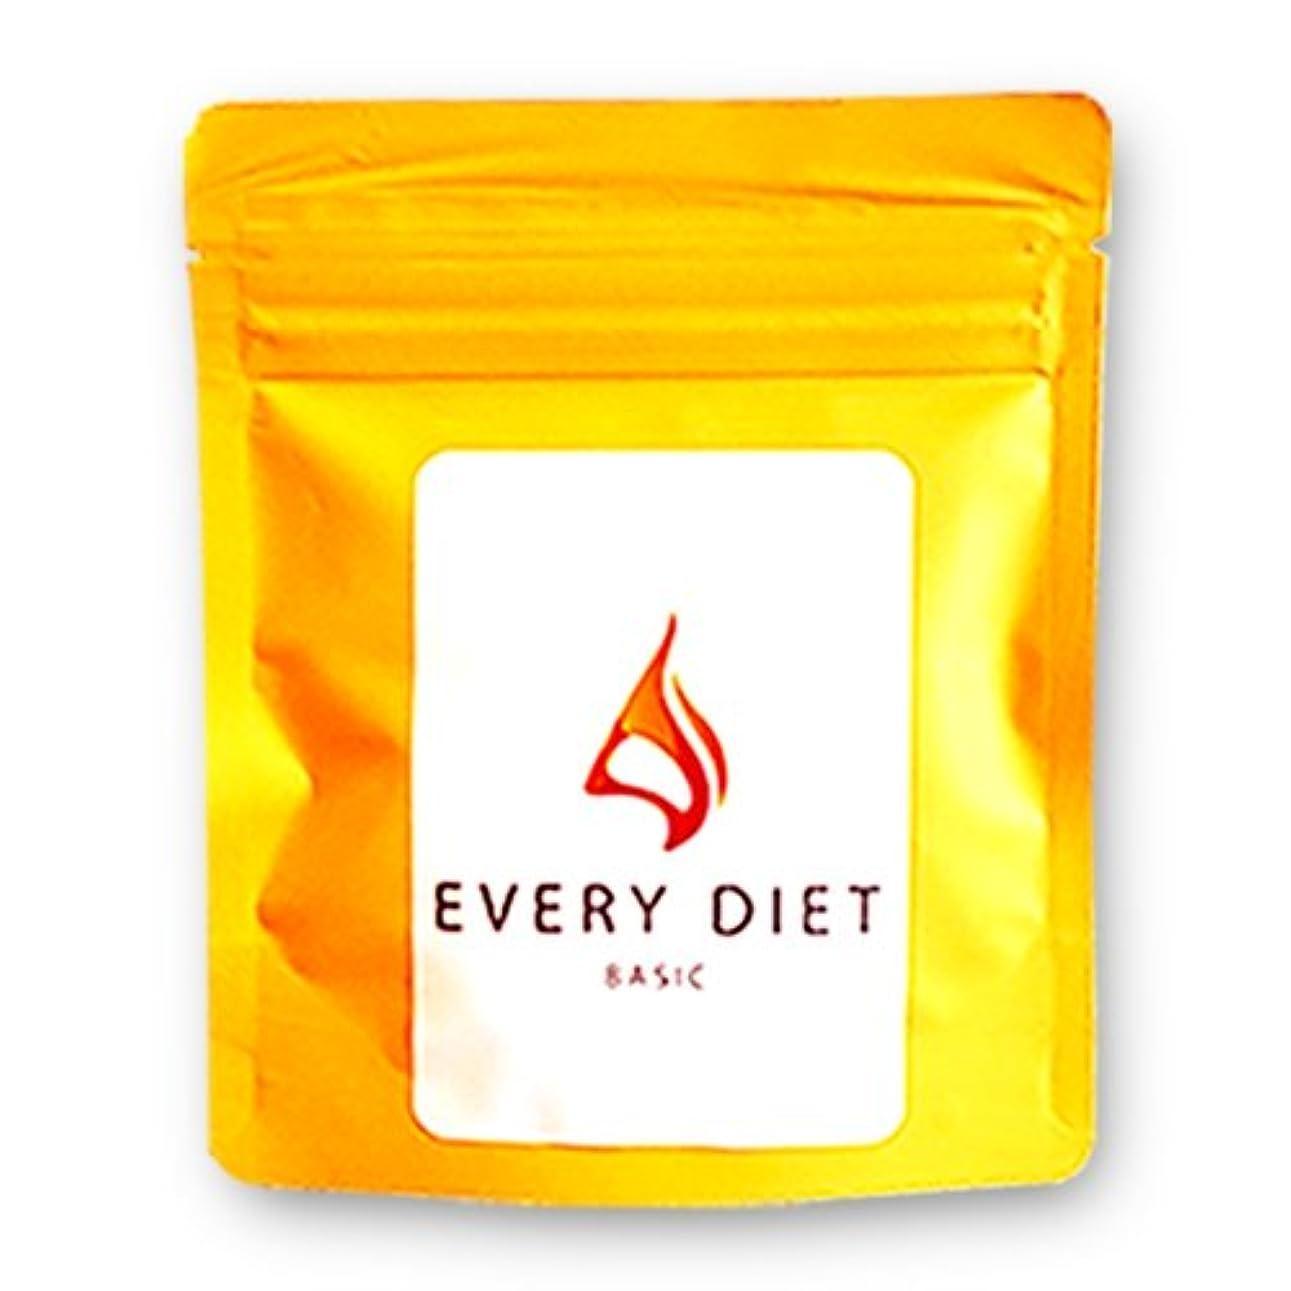 利点不良品体エブリダイエット ベーシック (Every Diet Basic)